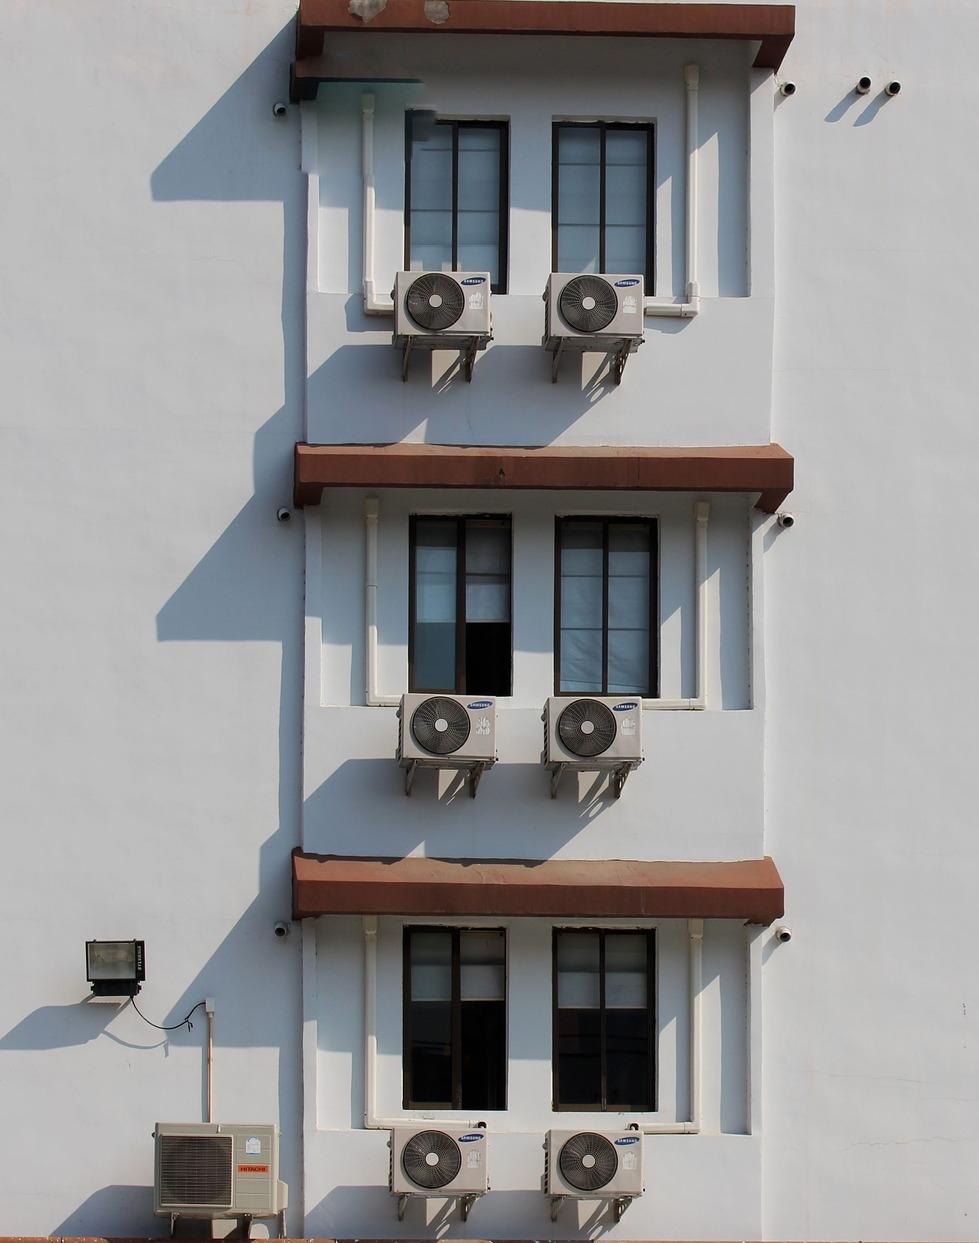 Contaminació acústica: sorolls dels equips d'aire condicionat en celobert d'un edifici